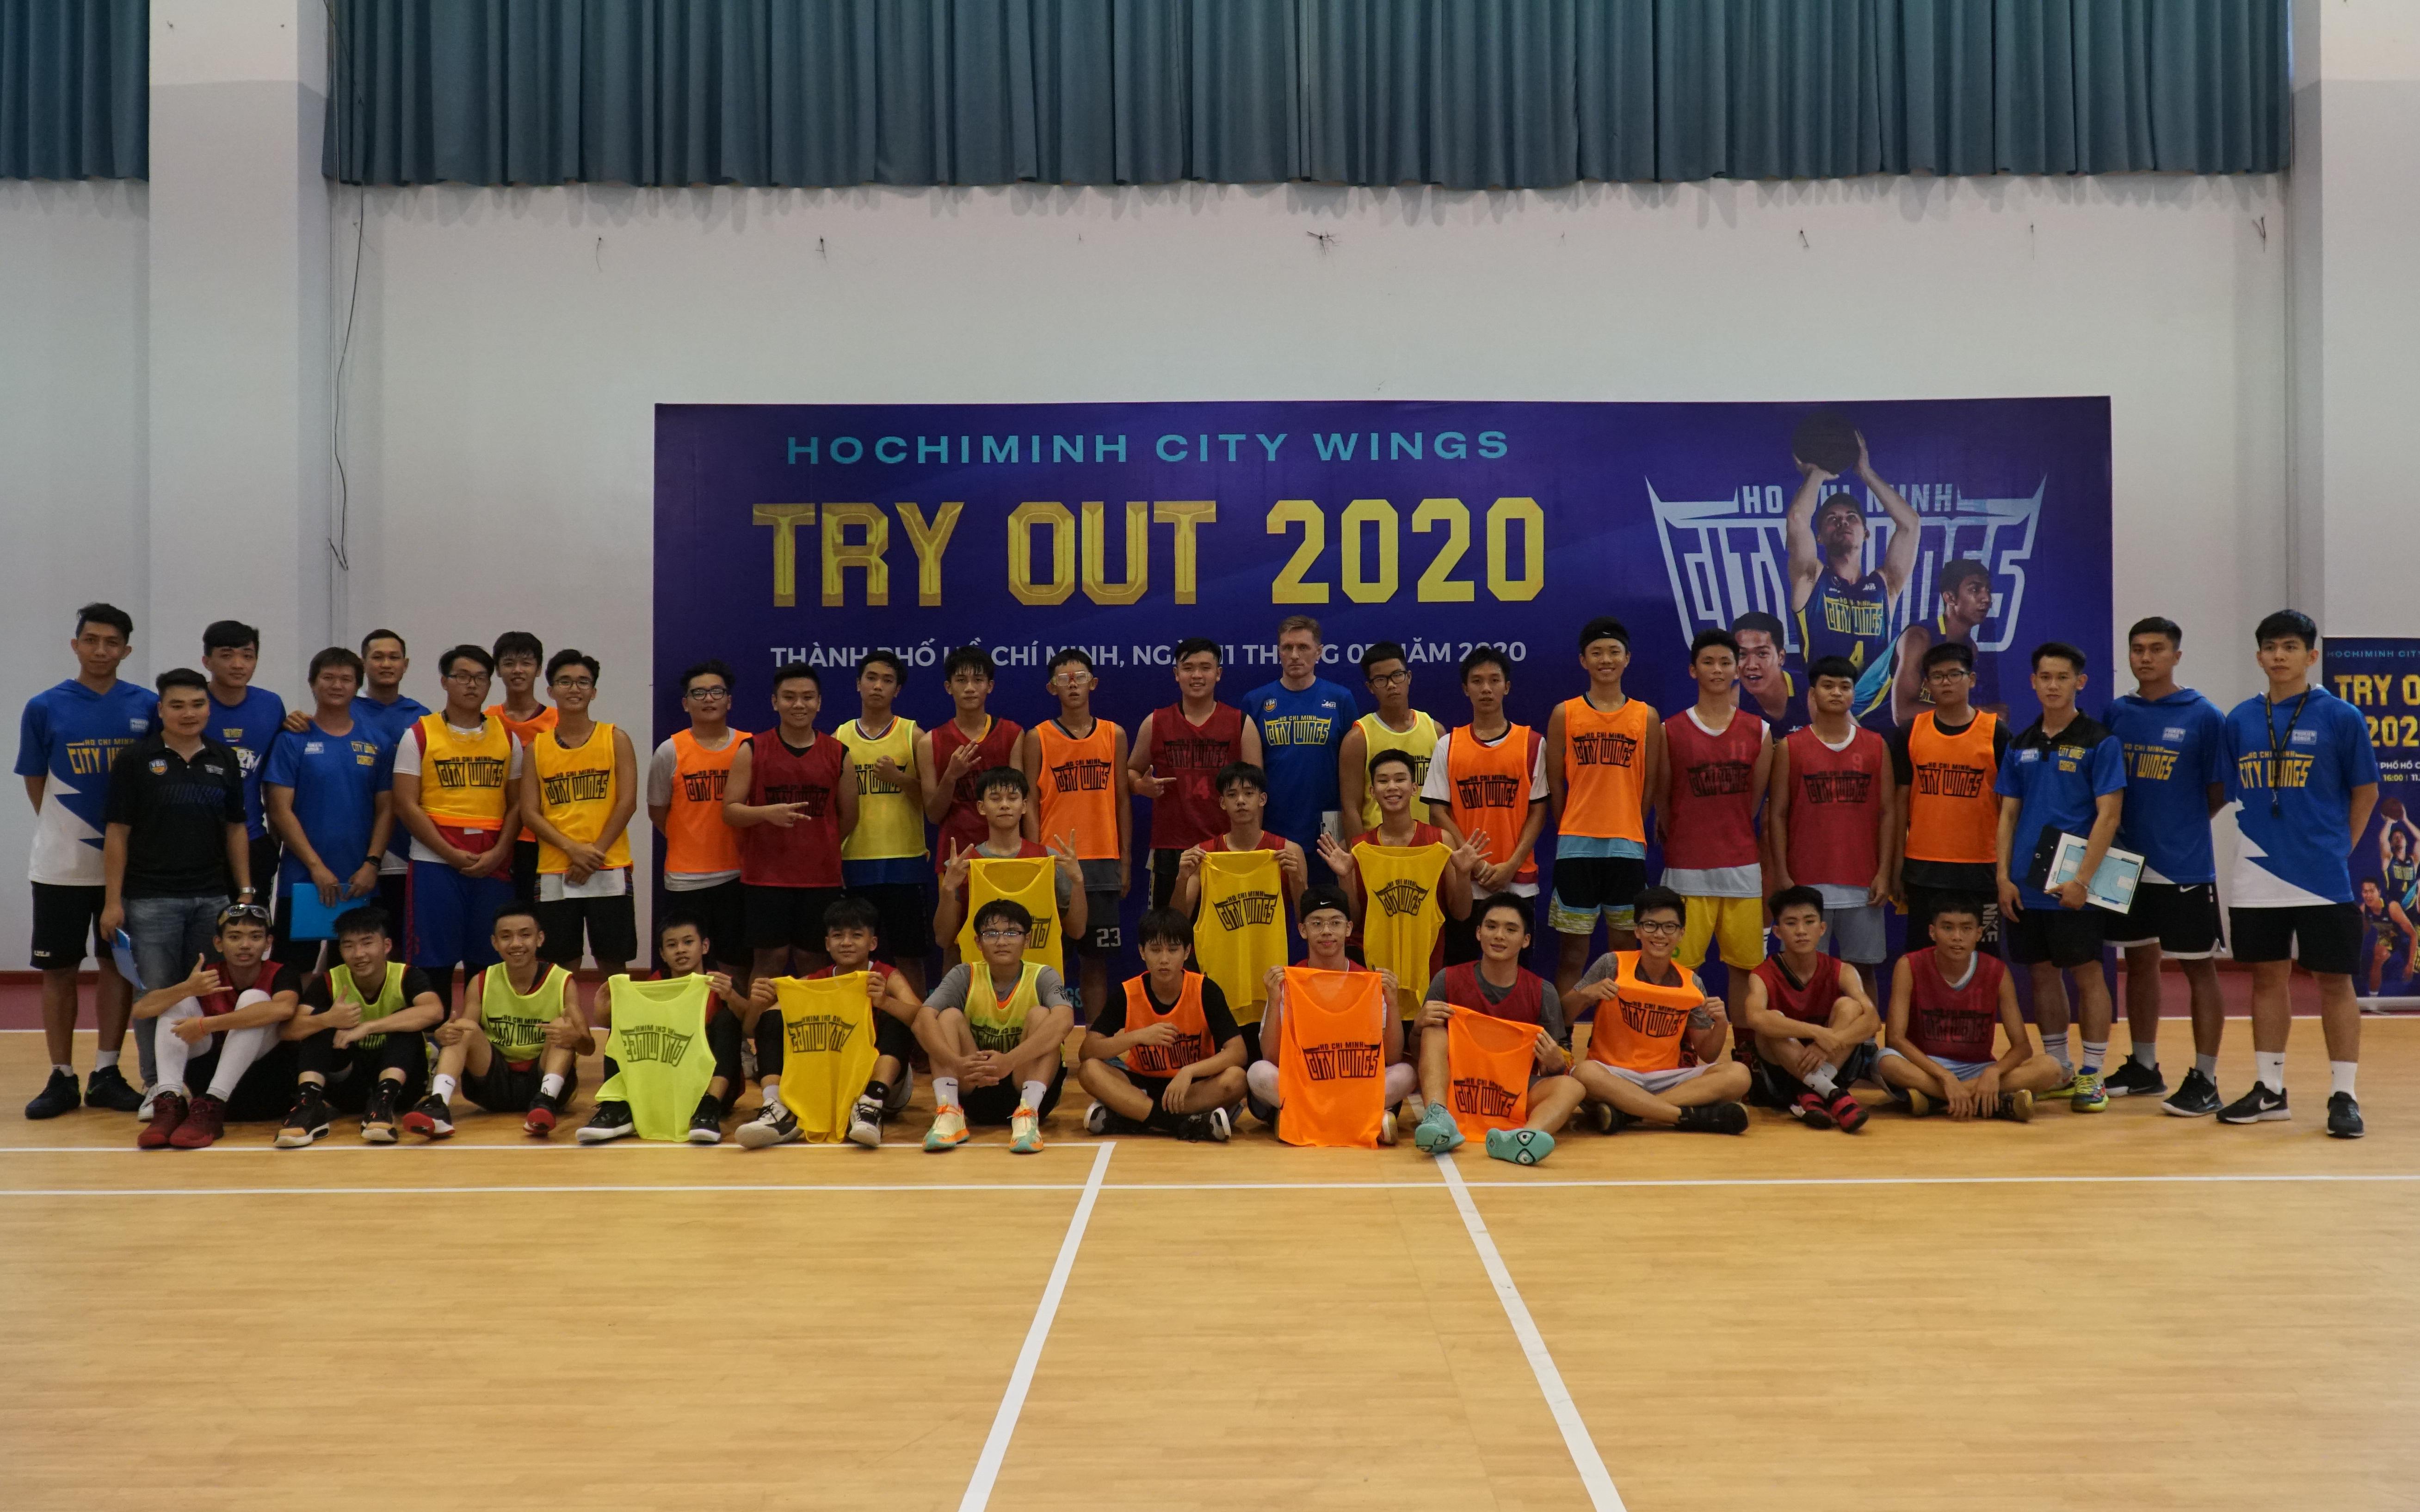 Hochiminh City Wings lập kỷ lục Tryout của VBA 2020, hướng đến mục tiêu ươm mầm tài năng tương lai cho đội bóng